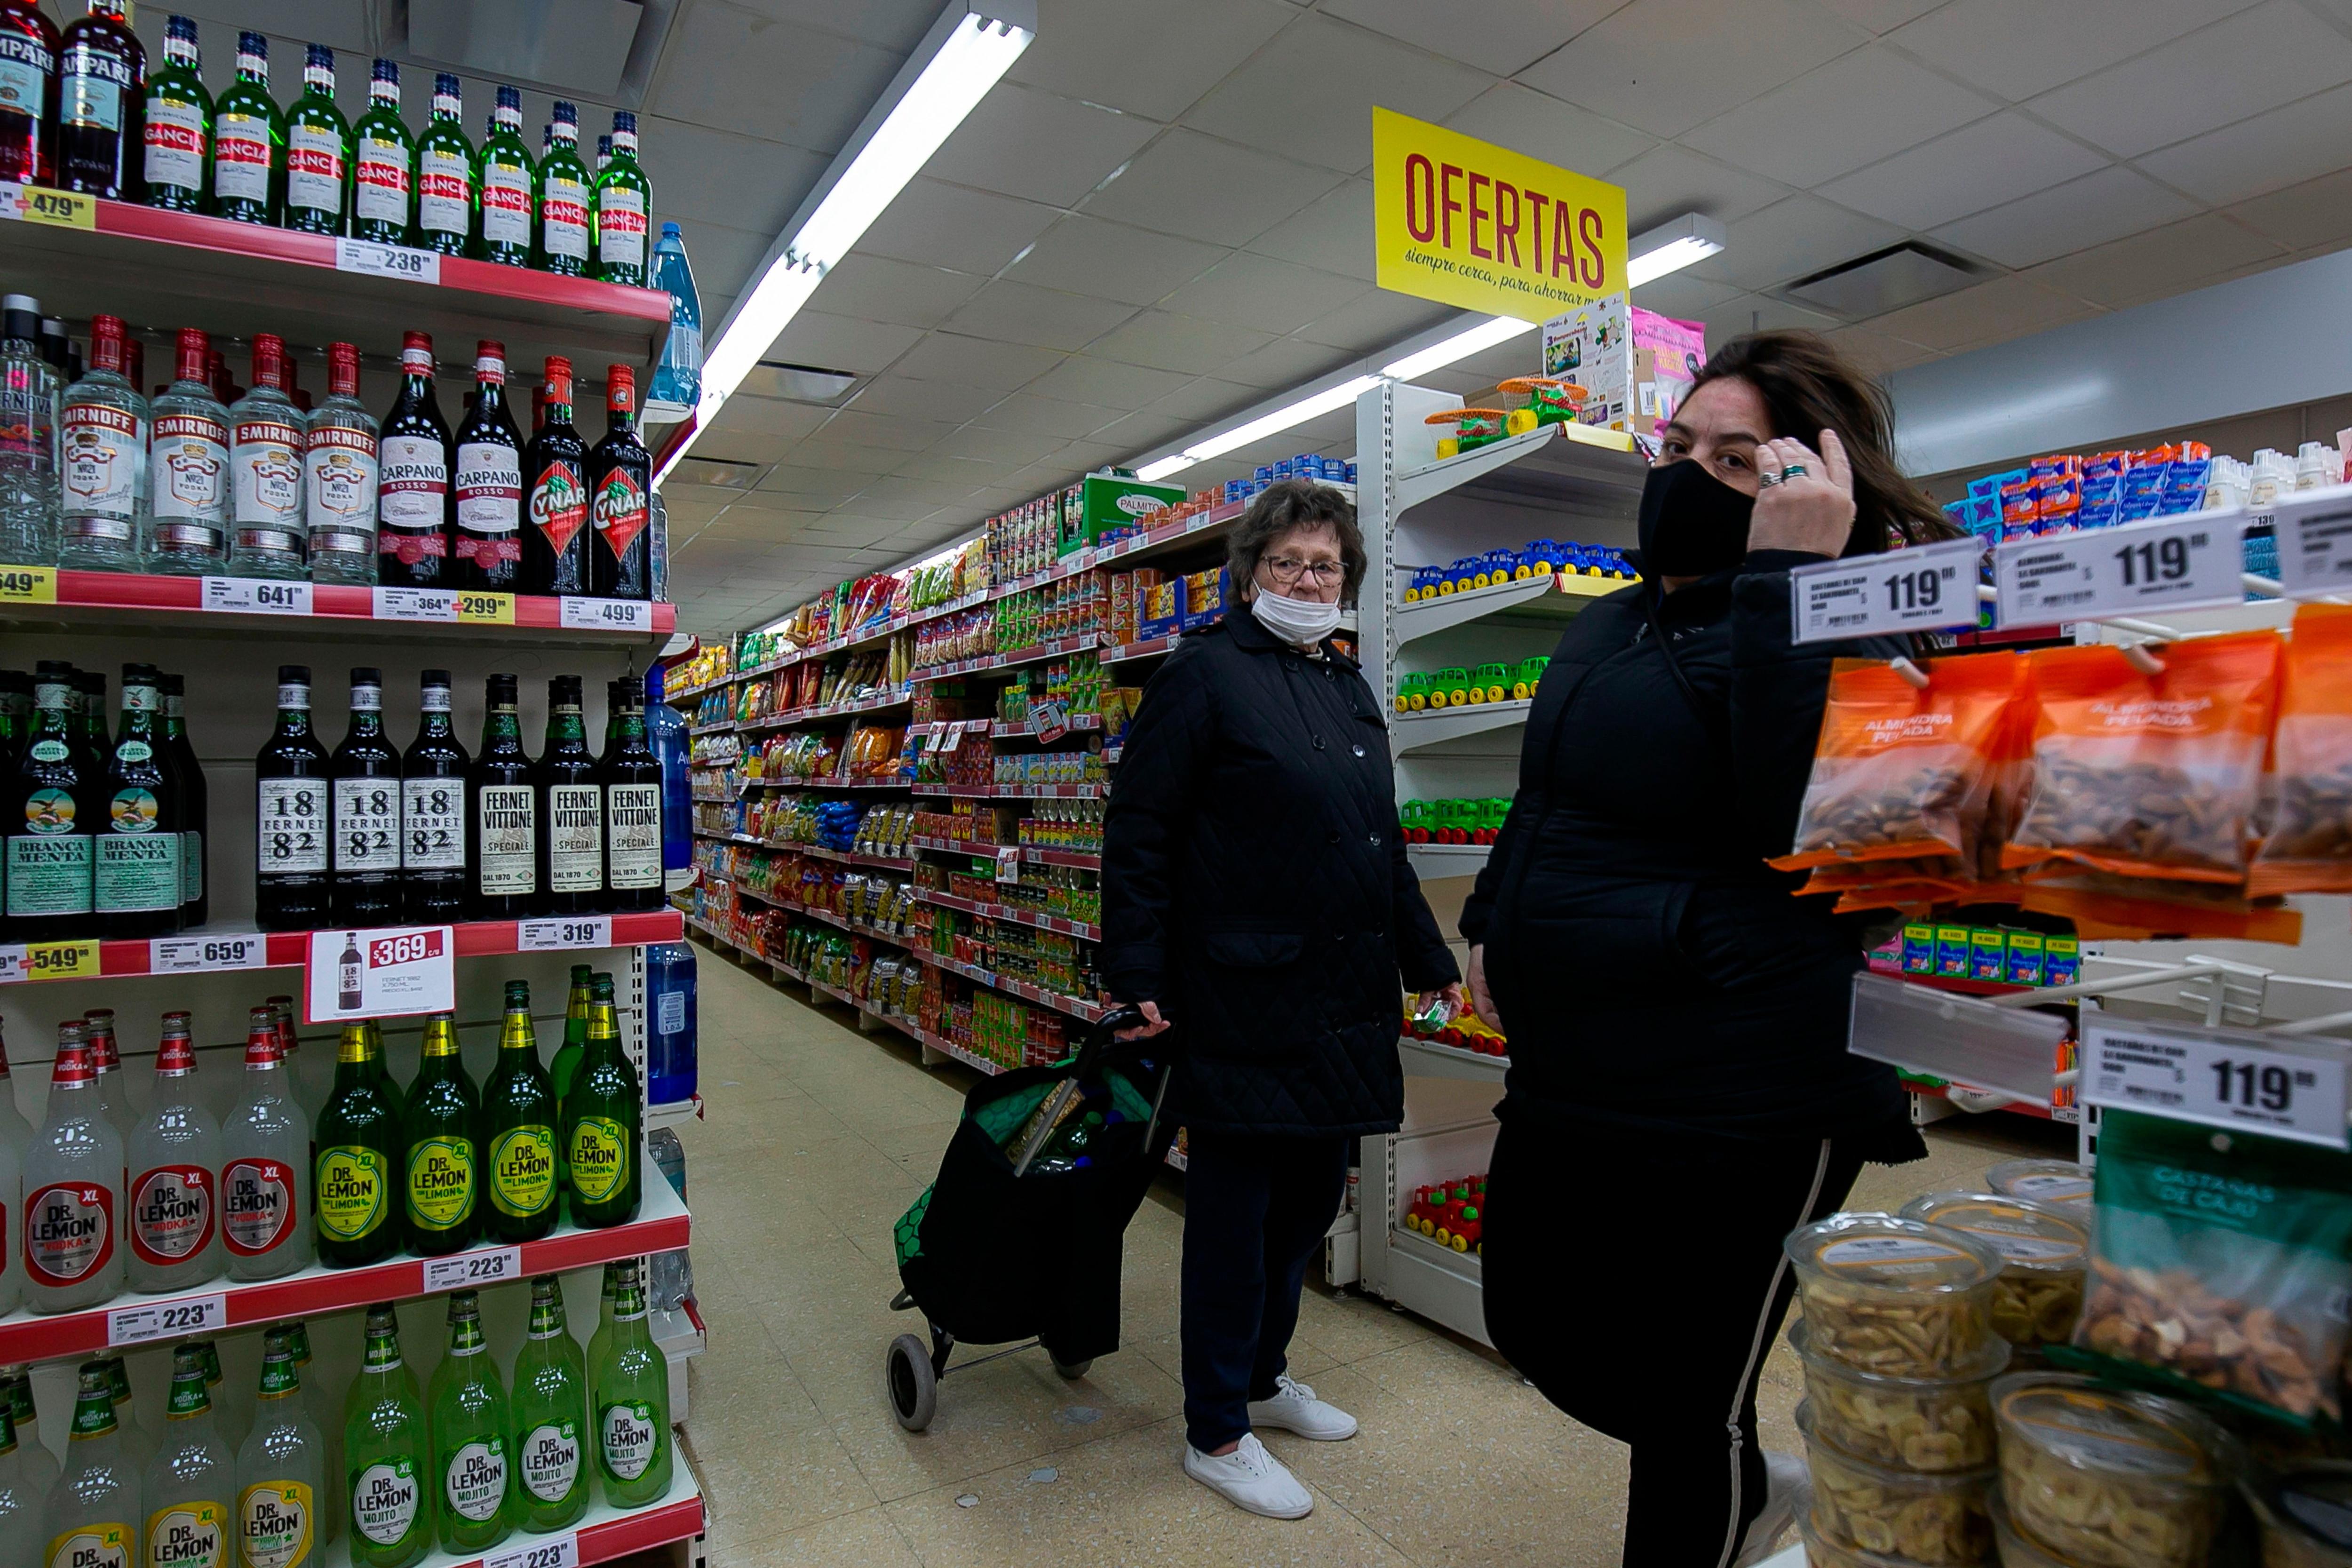 Las consultoras esperan que en septiembre la inflación siga debajo del 3% (EFE/Demian Alday Estévez)